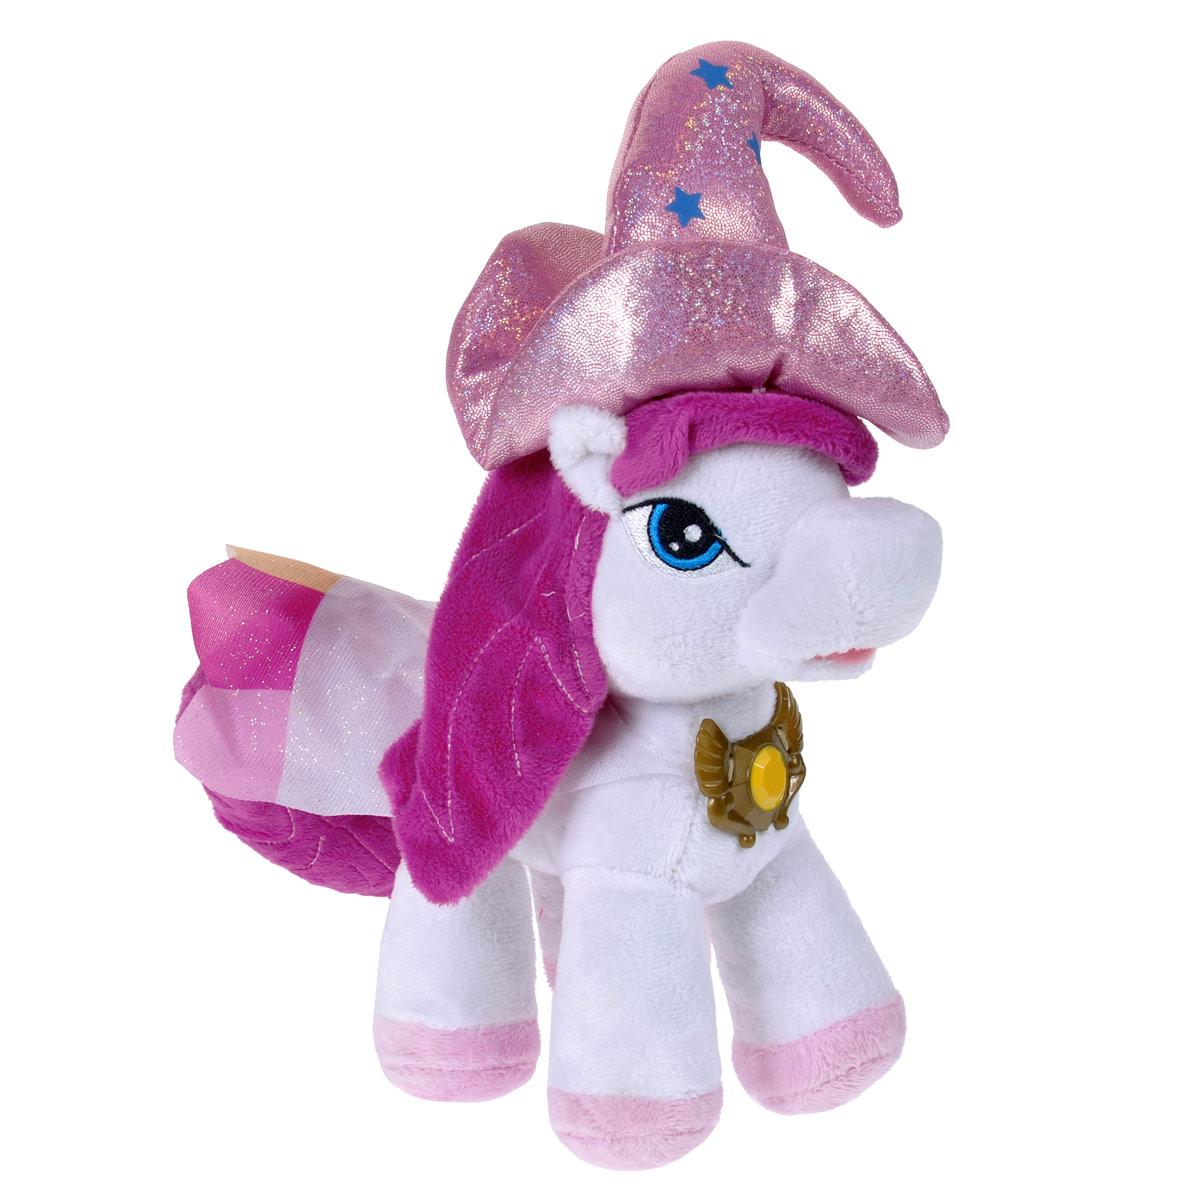 Мягкая игрушка Filly Лошадка Ведьма Абра, 30 см13-51Мягкая игрушка Filly Лошадка Ведьма Абра непременно понравится вашей малышке. Она выполнена из приятного на ощупь текстильного материала цвета в виде лошадки Филли - Ведьмы Абры. У лошадки вышиты глазки, одета она в белый плащ с разноцветными вставками и пластиковой заколкой, на голове - розовая остроконечная шляпа с блестками. Игрушка подарит своему обладателю хорошее настроение и принесет много радости. Порадуйте своего ребенка таким замечательным подарком!